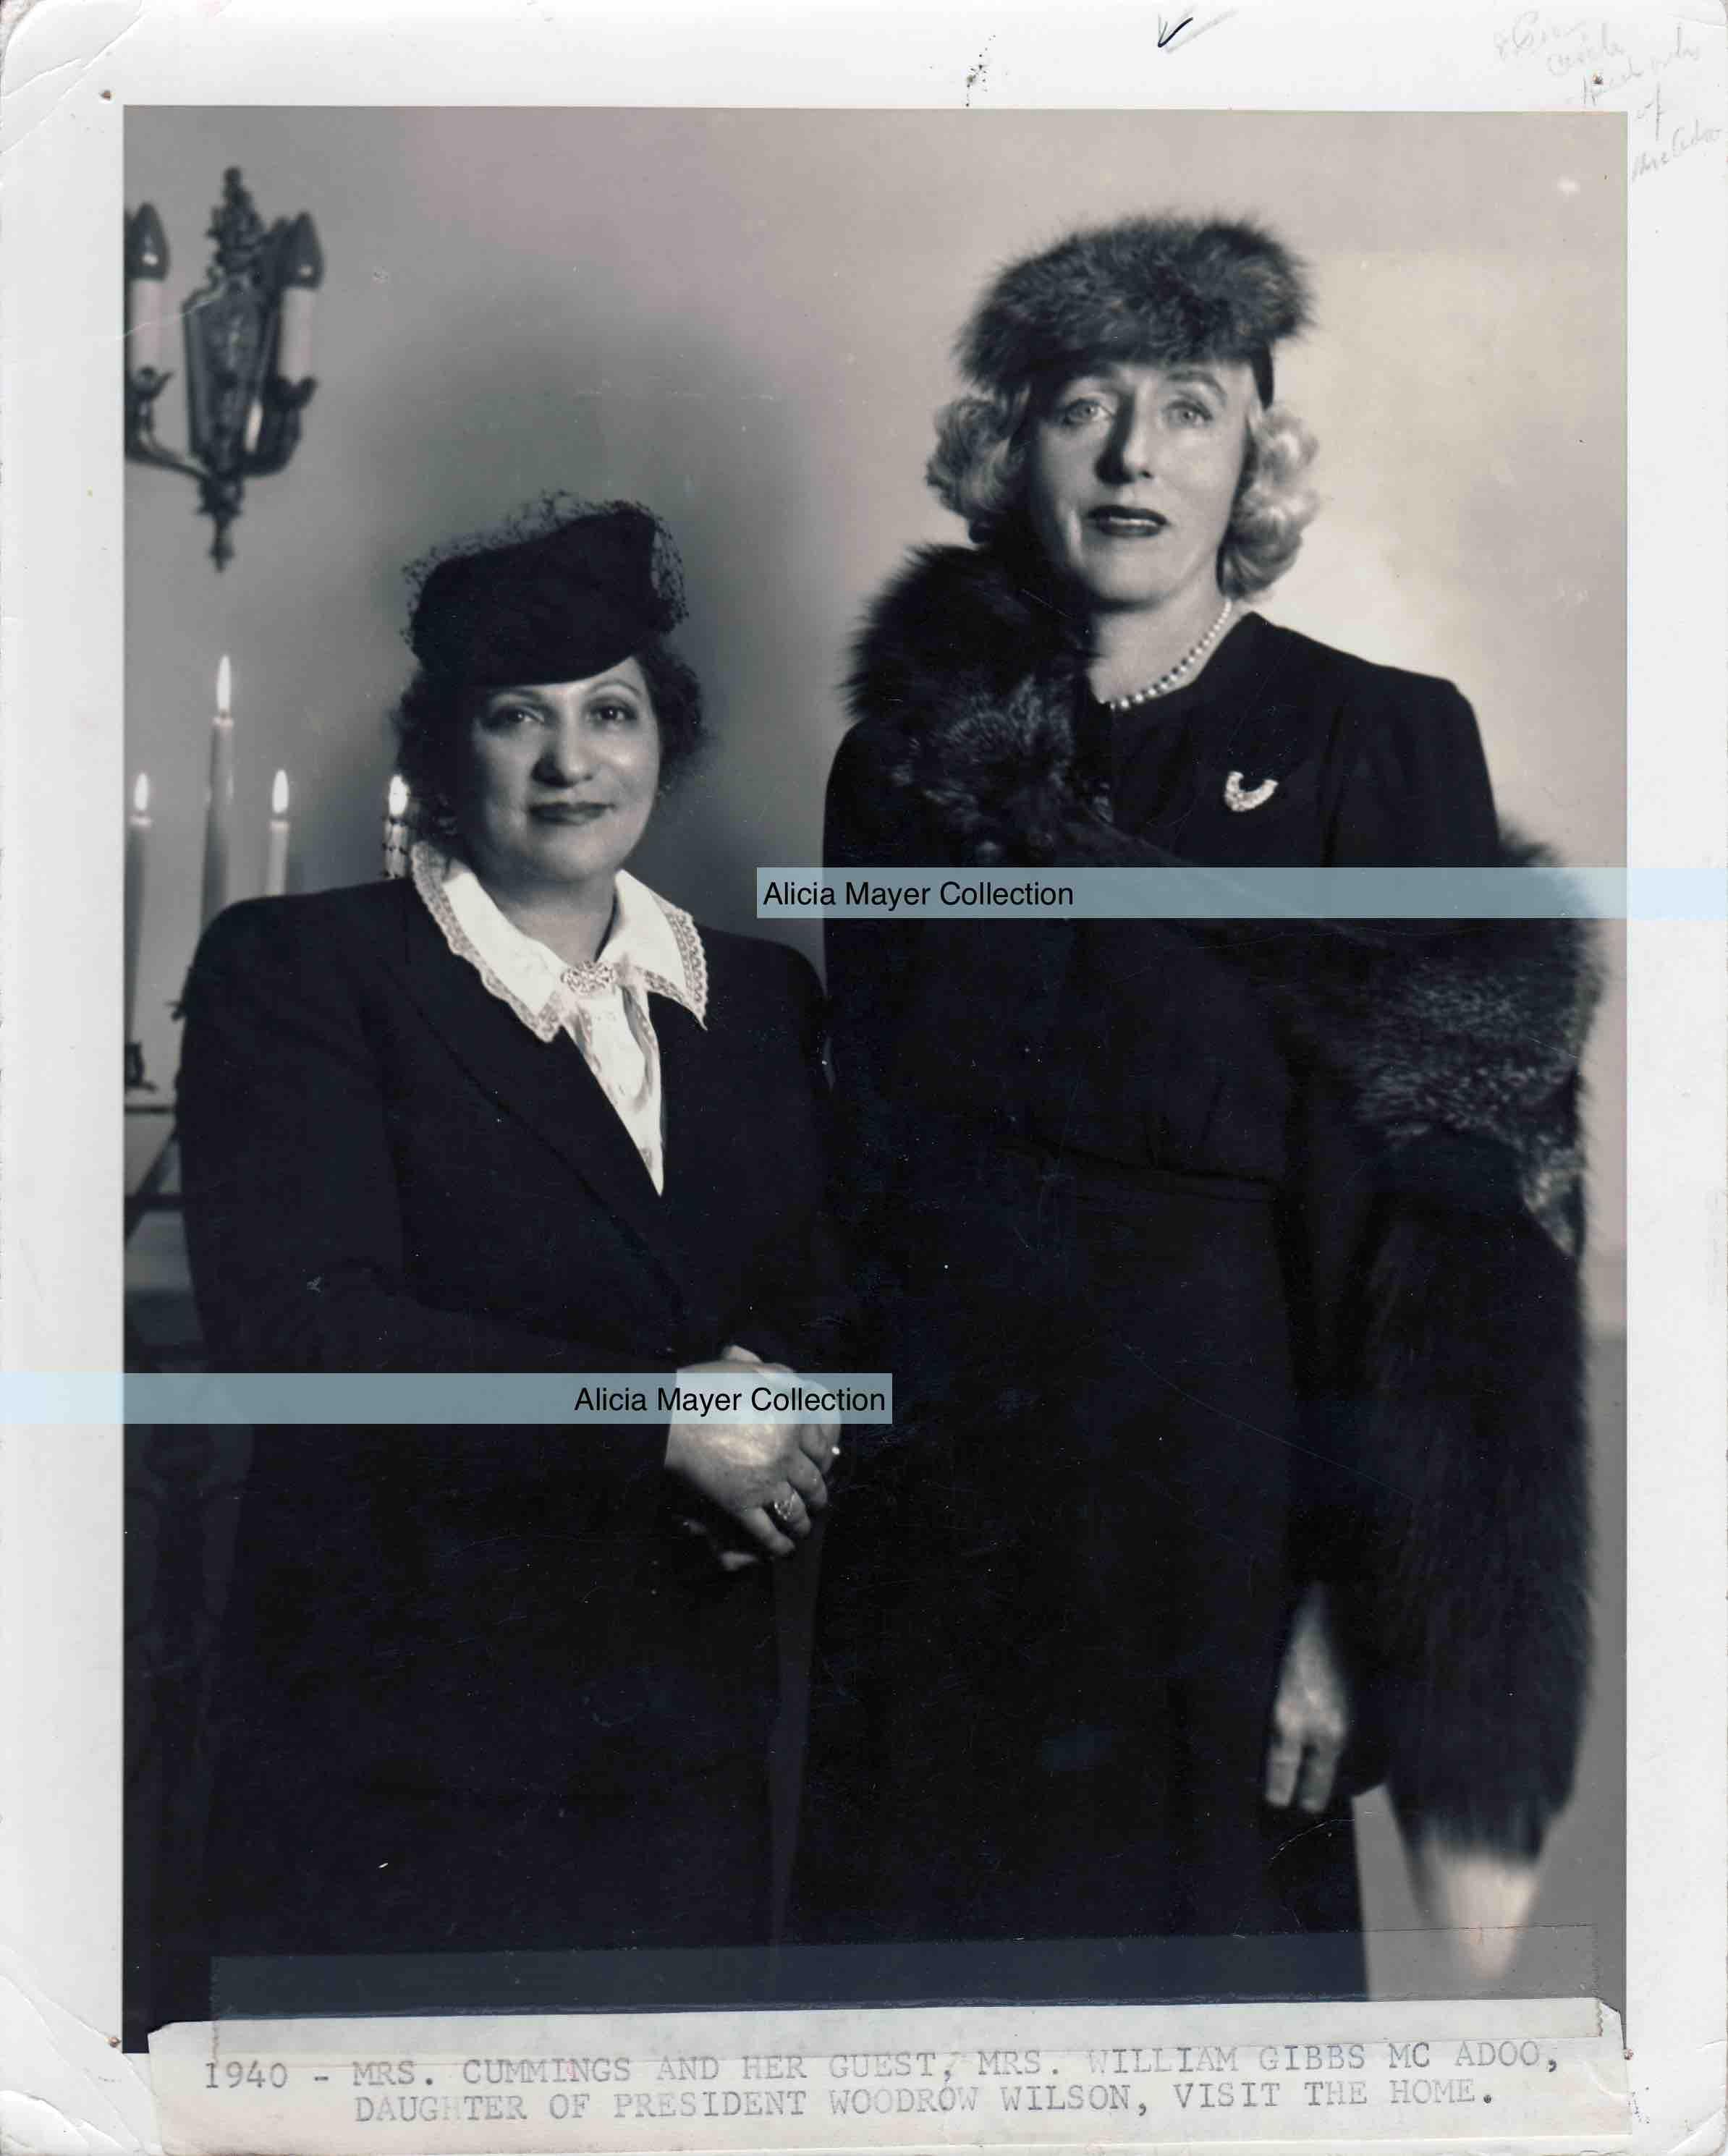 Ida + Mrs William Gibbs McAdoo daughter of Woodrow Wilson watermark